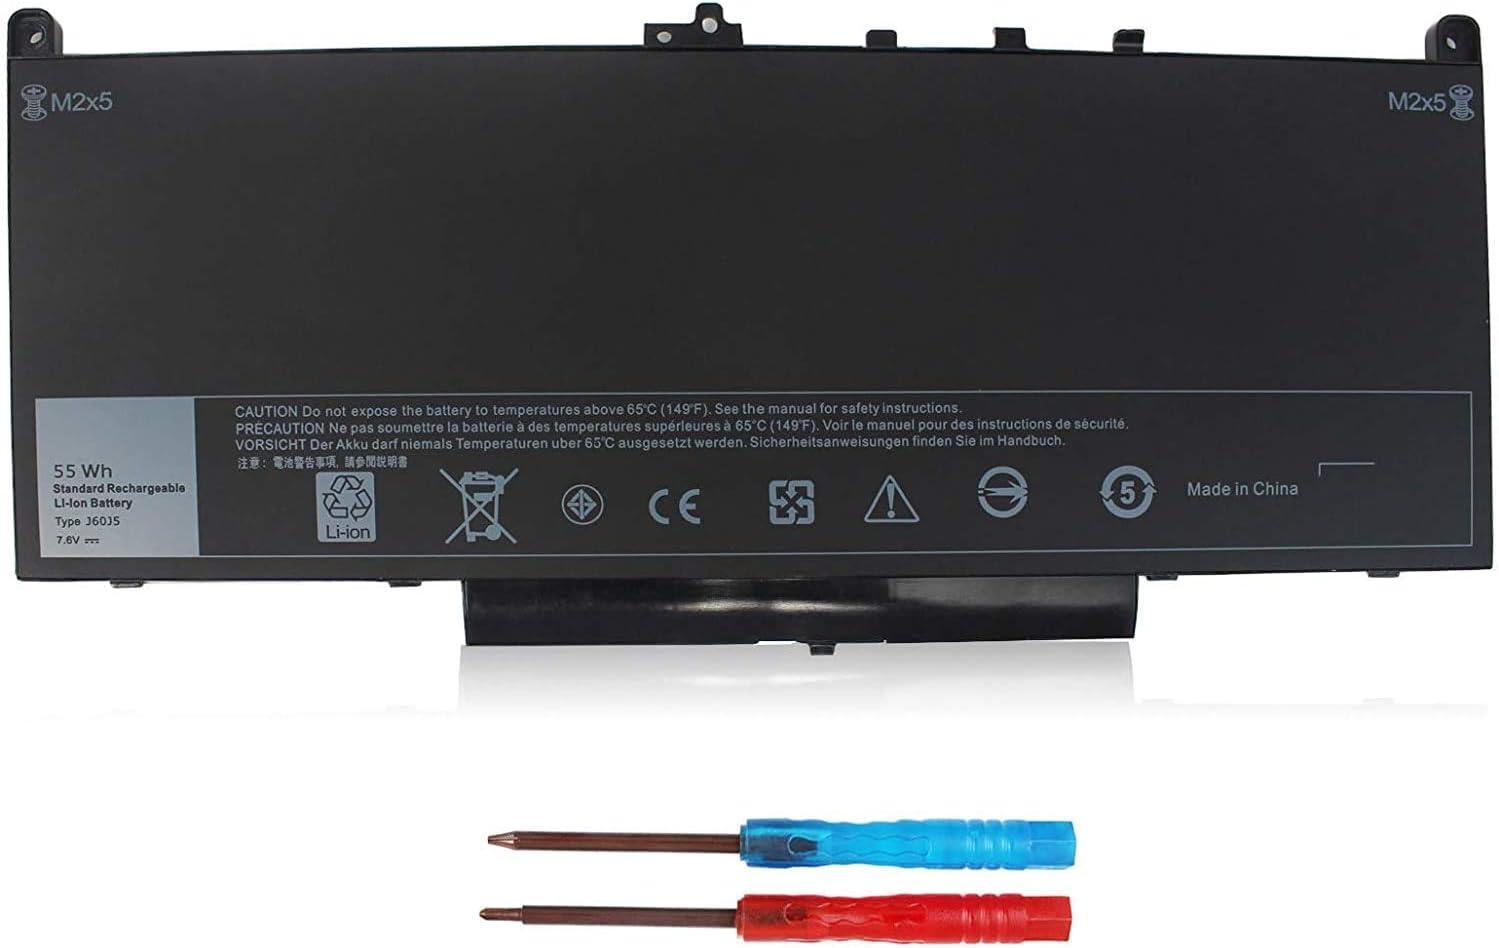 7470 7270 J60J5 Laptop Battery for Dell Latitude E7270 P26S001 E7470 P61G001 Series Notebook 01W2Y2 1W2Y2 MC34Y 242WD PDNM2 R1V85 GG4FM 0GG4FM WYWJ2 R97YT NJJ2H 451-BBSX 451-BBSY 451-BBSU 7.6V 55WH